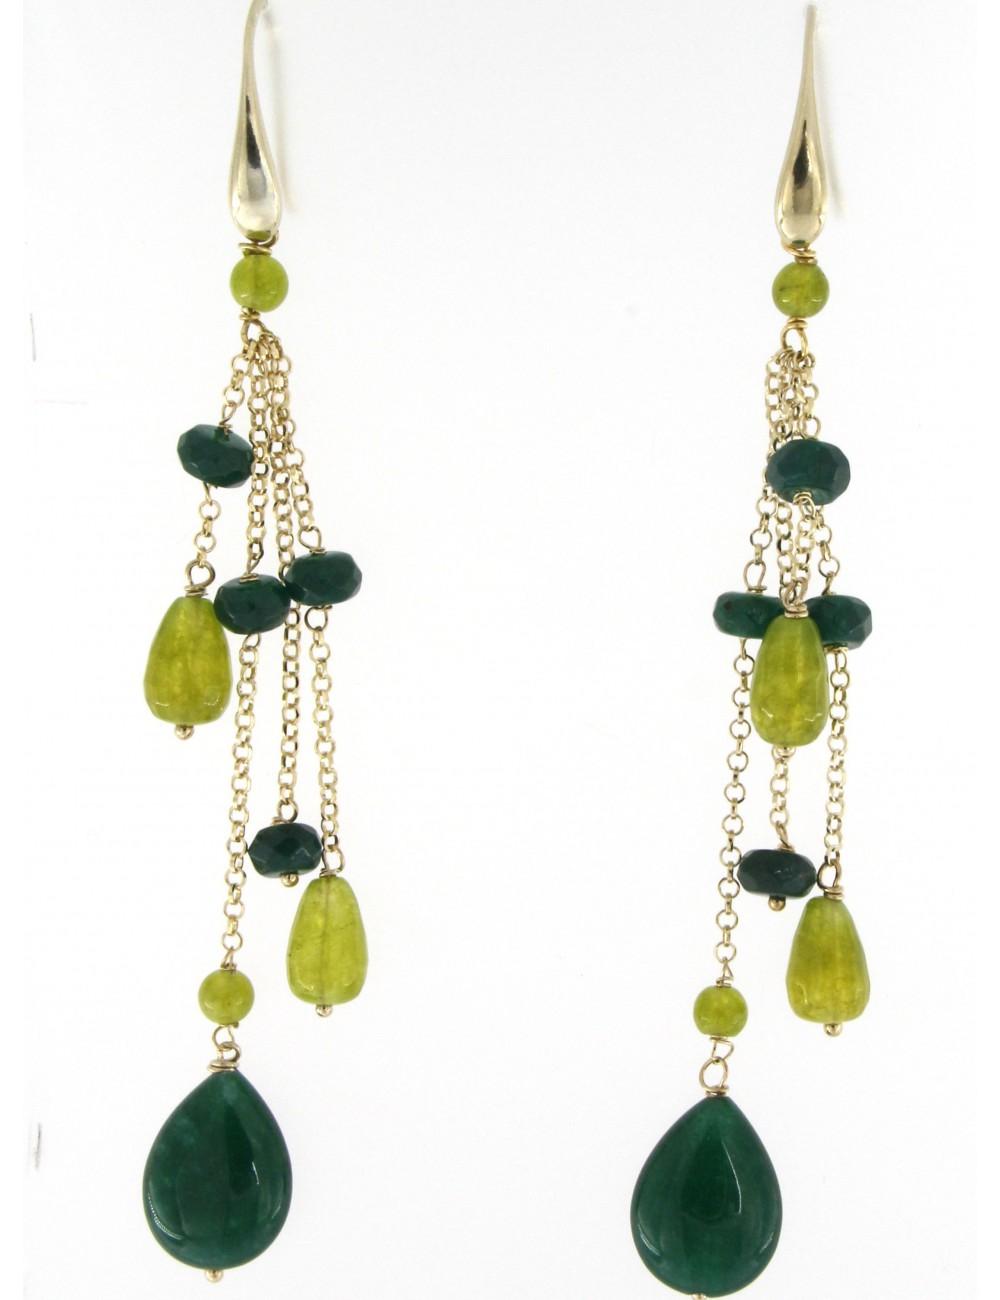 Orecchini lunghi Linea I Colori verdi in argento 925 e pietre naturali